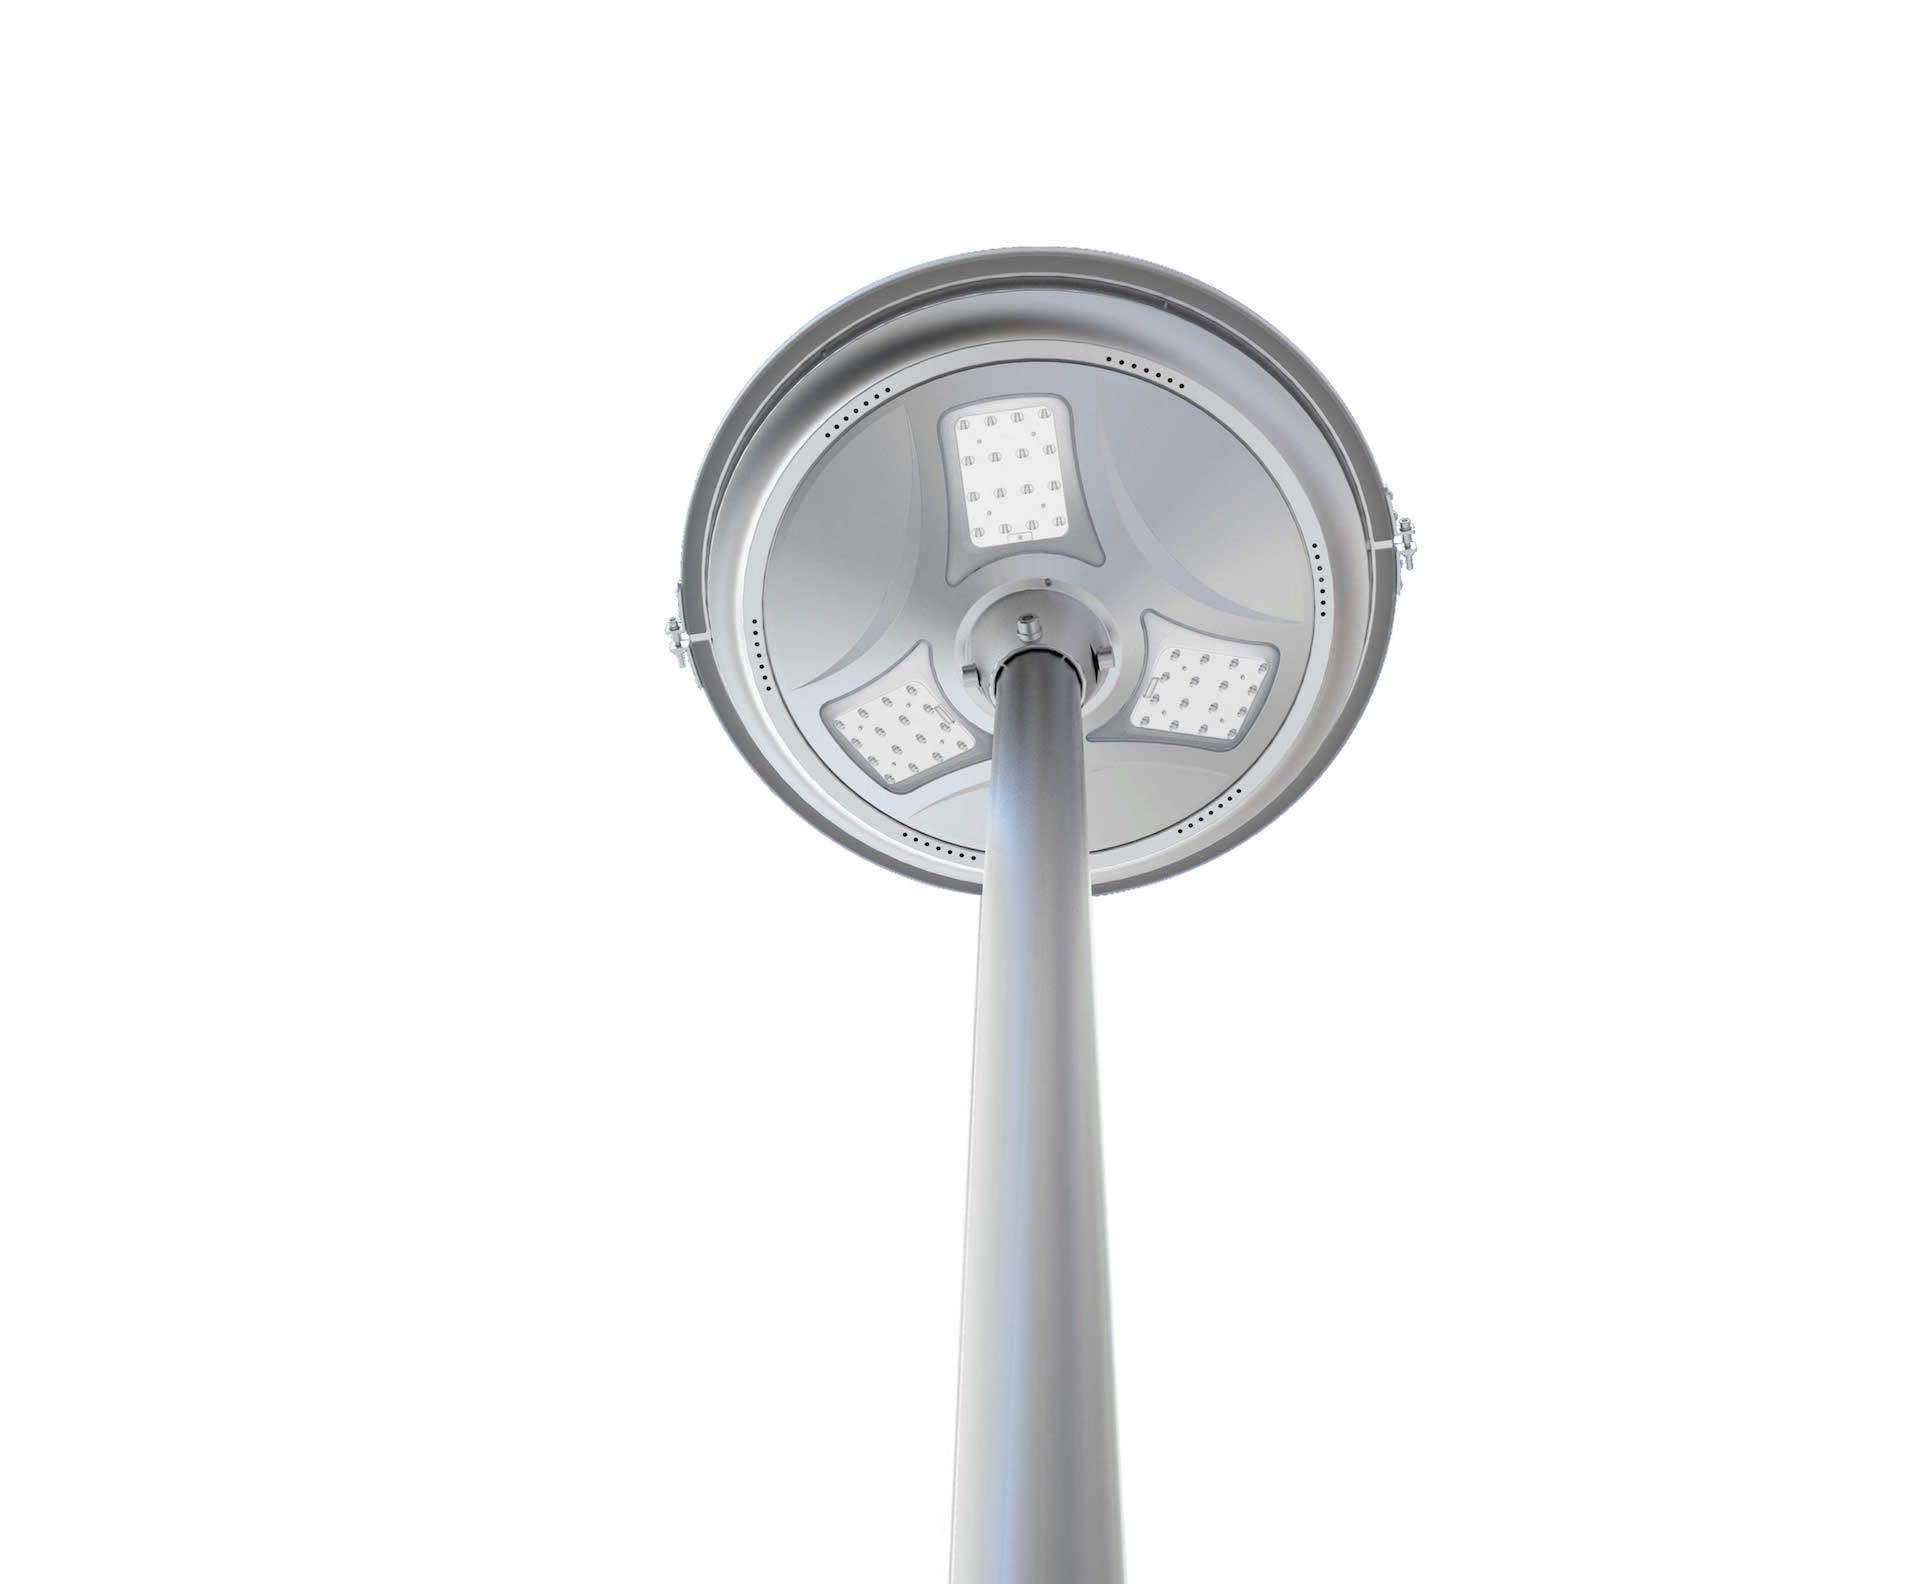 Lampione per esterno solare a led 1500 lumen ecoworld for Filtro per laghetto ad energia solare